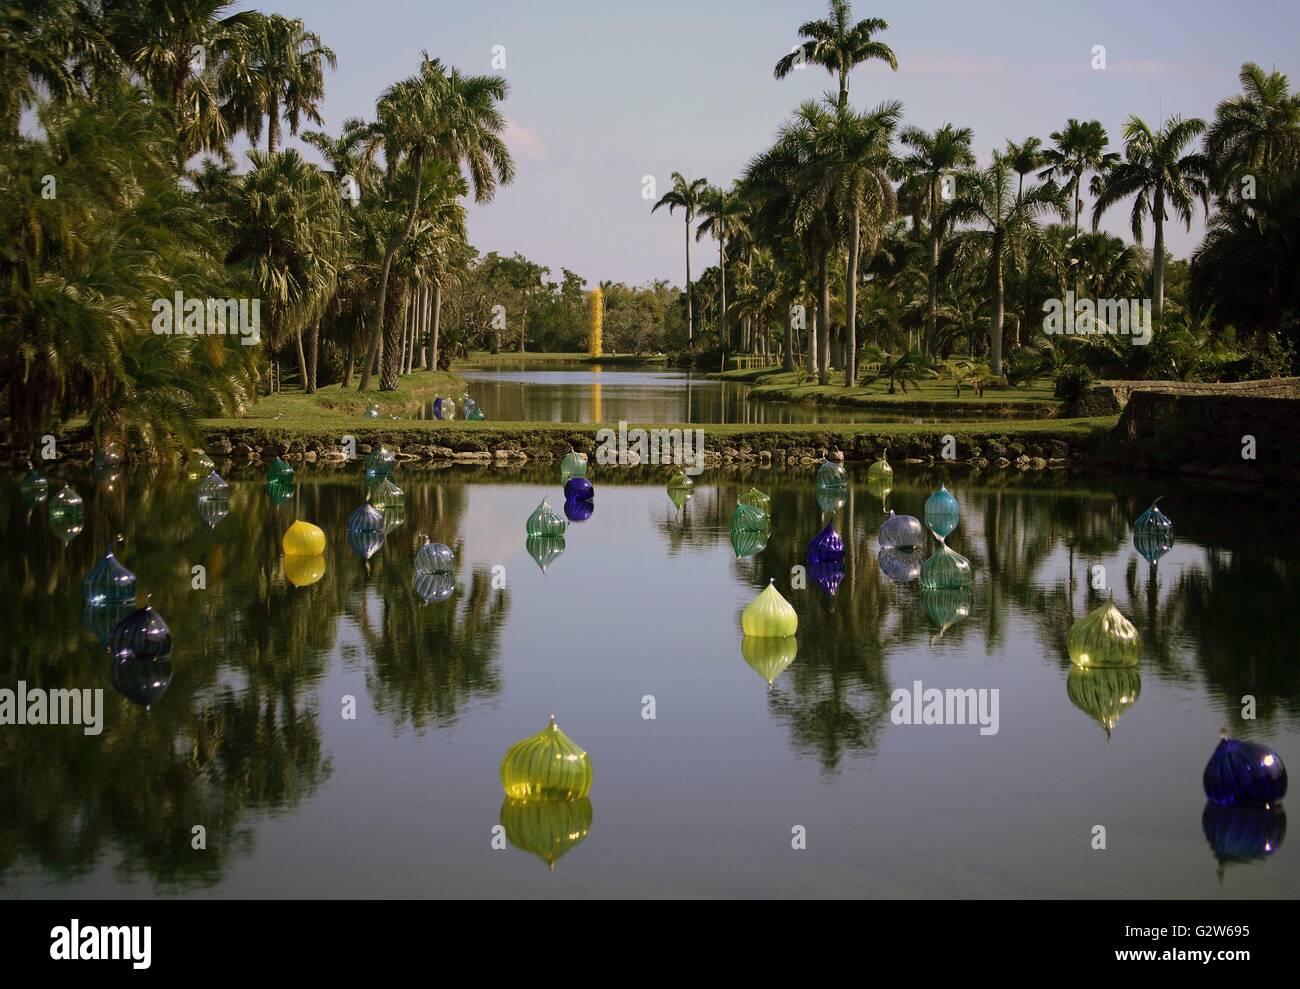 Tropical garden pond at the Fairchild Tropical Botanical Garden ...